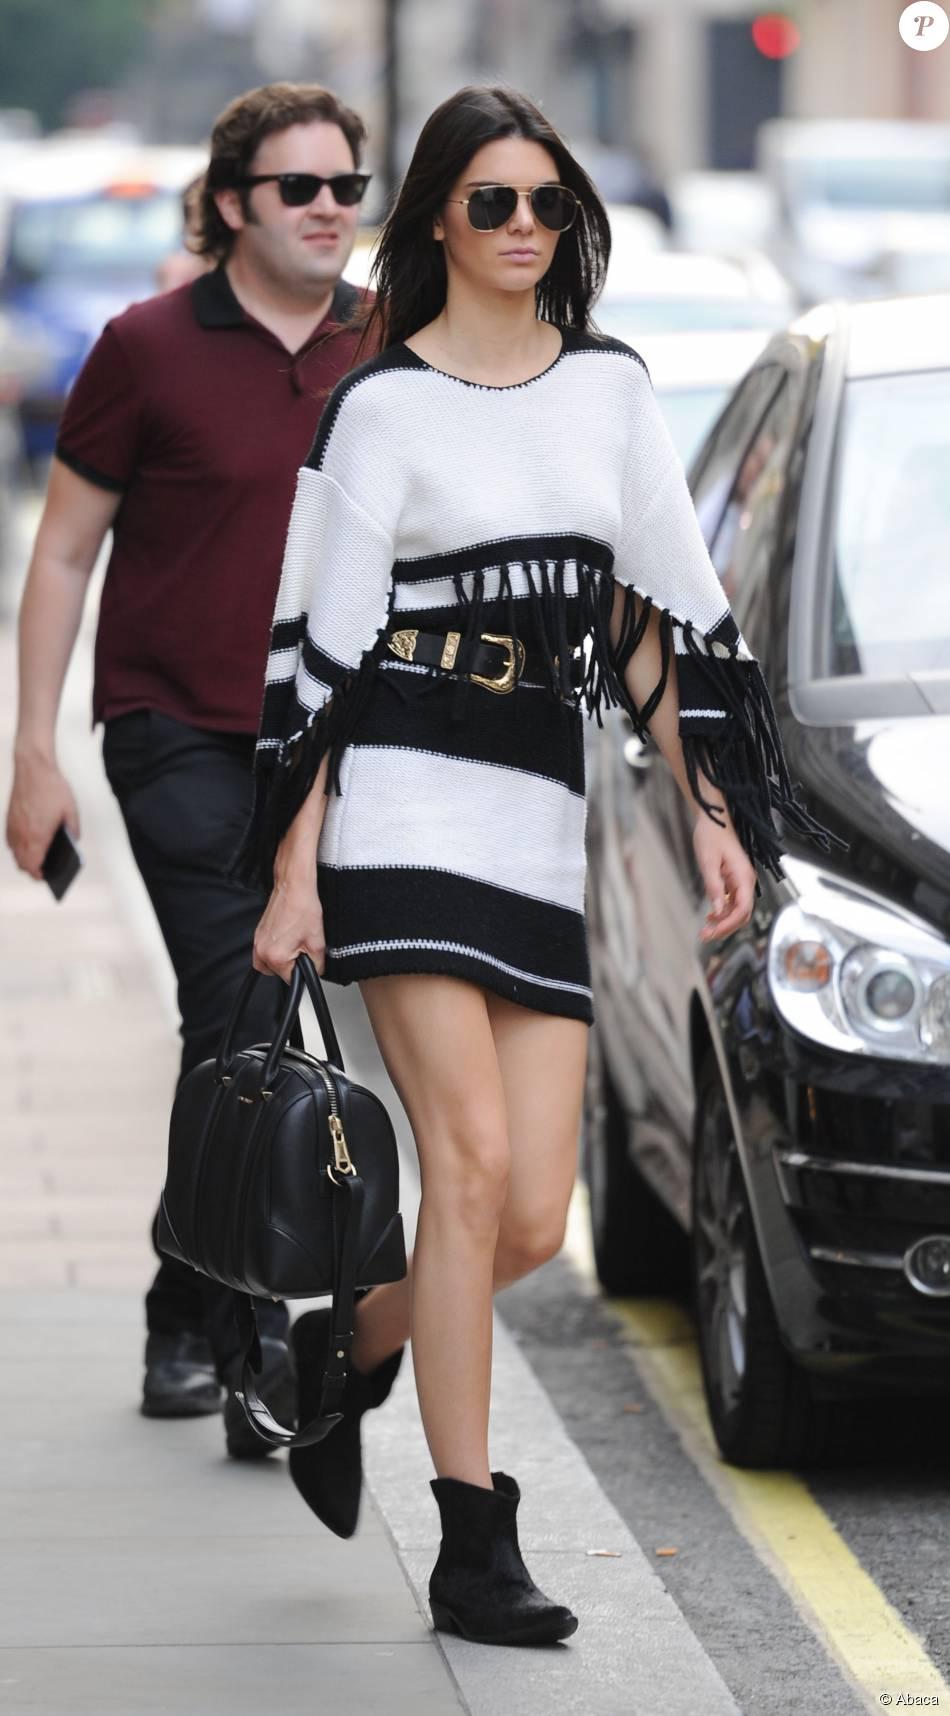 Kendall Jenner en robe noire et blanche style poncho à franges Givenchy, accessoirisée d'un sac Givenchy et d'une ceinture B-Low, à Londres le 1 er  juillet 2015